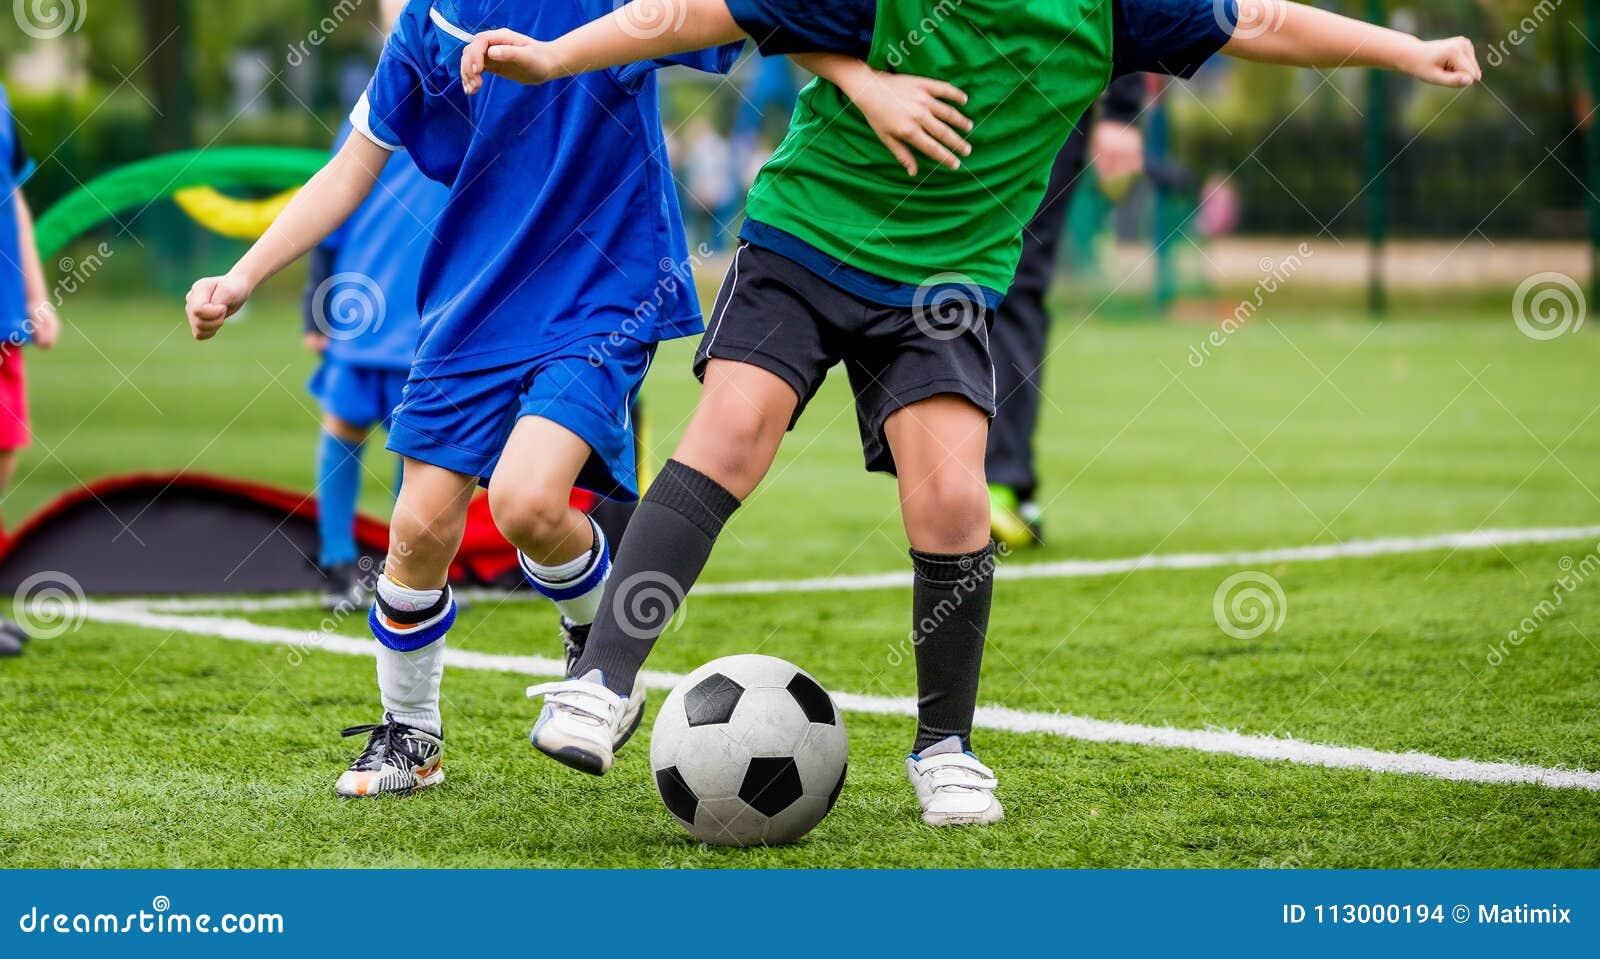 Deportes del juego de niños Niños que golpean el partido de fútbol con el pie Muchachos jovenes que juegan a fútbol en la echada